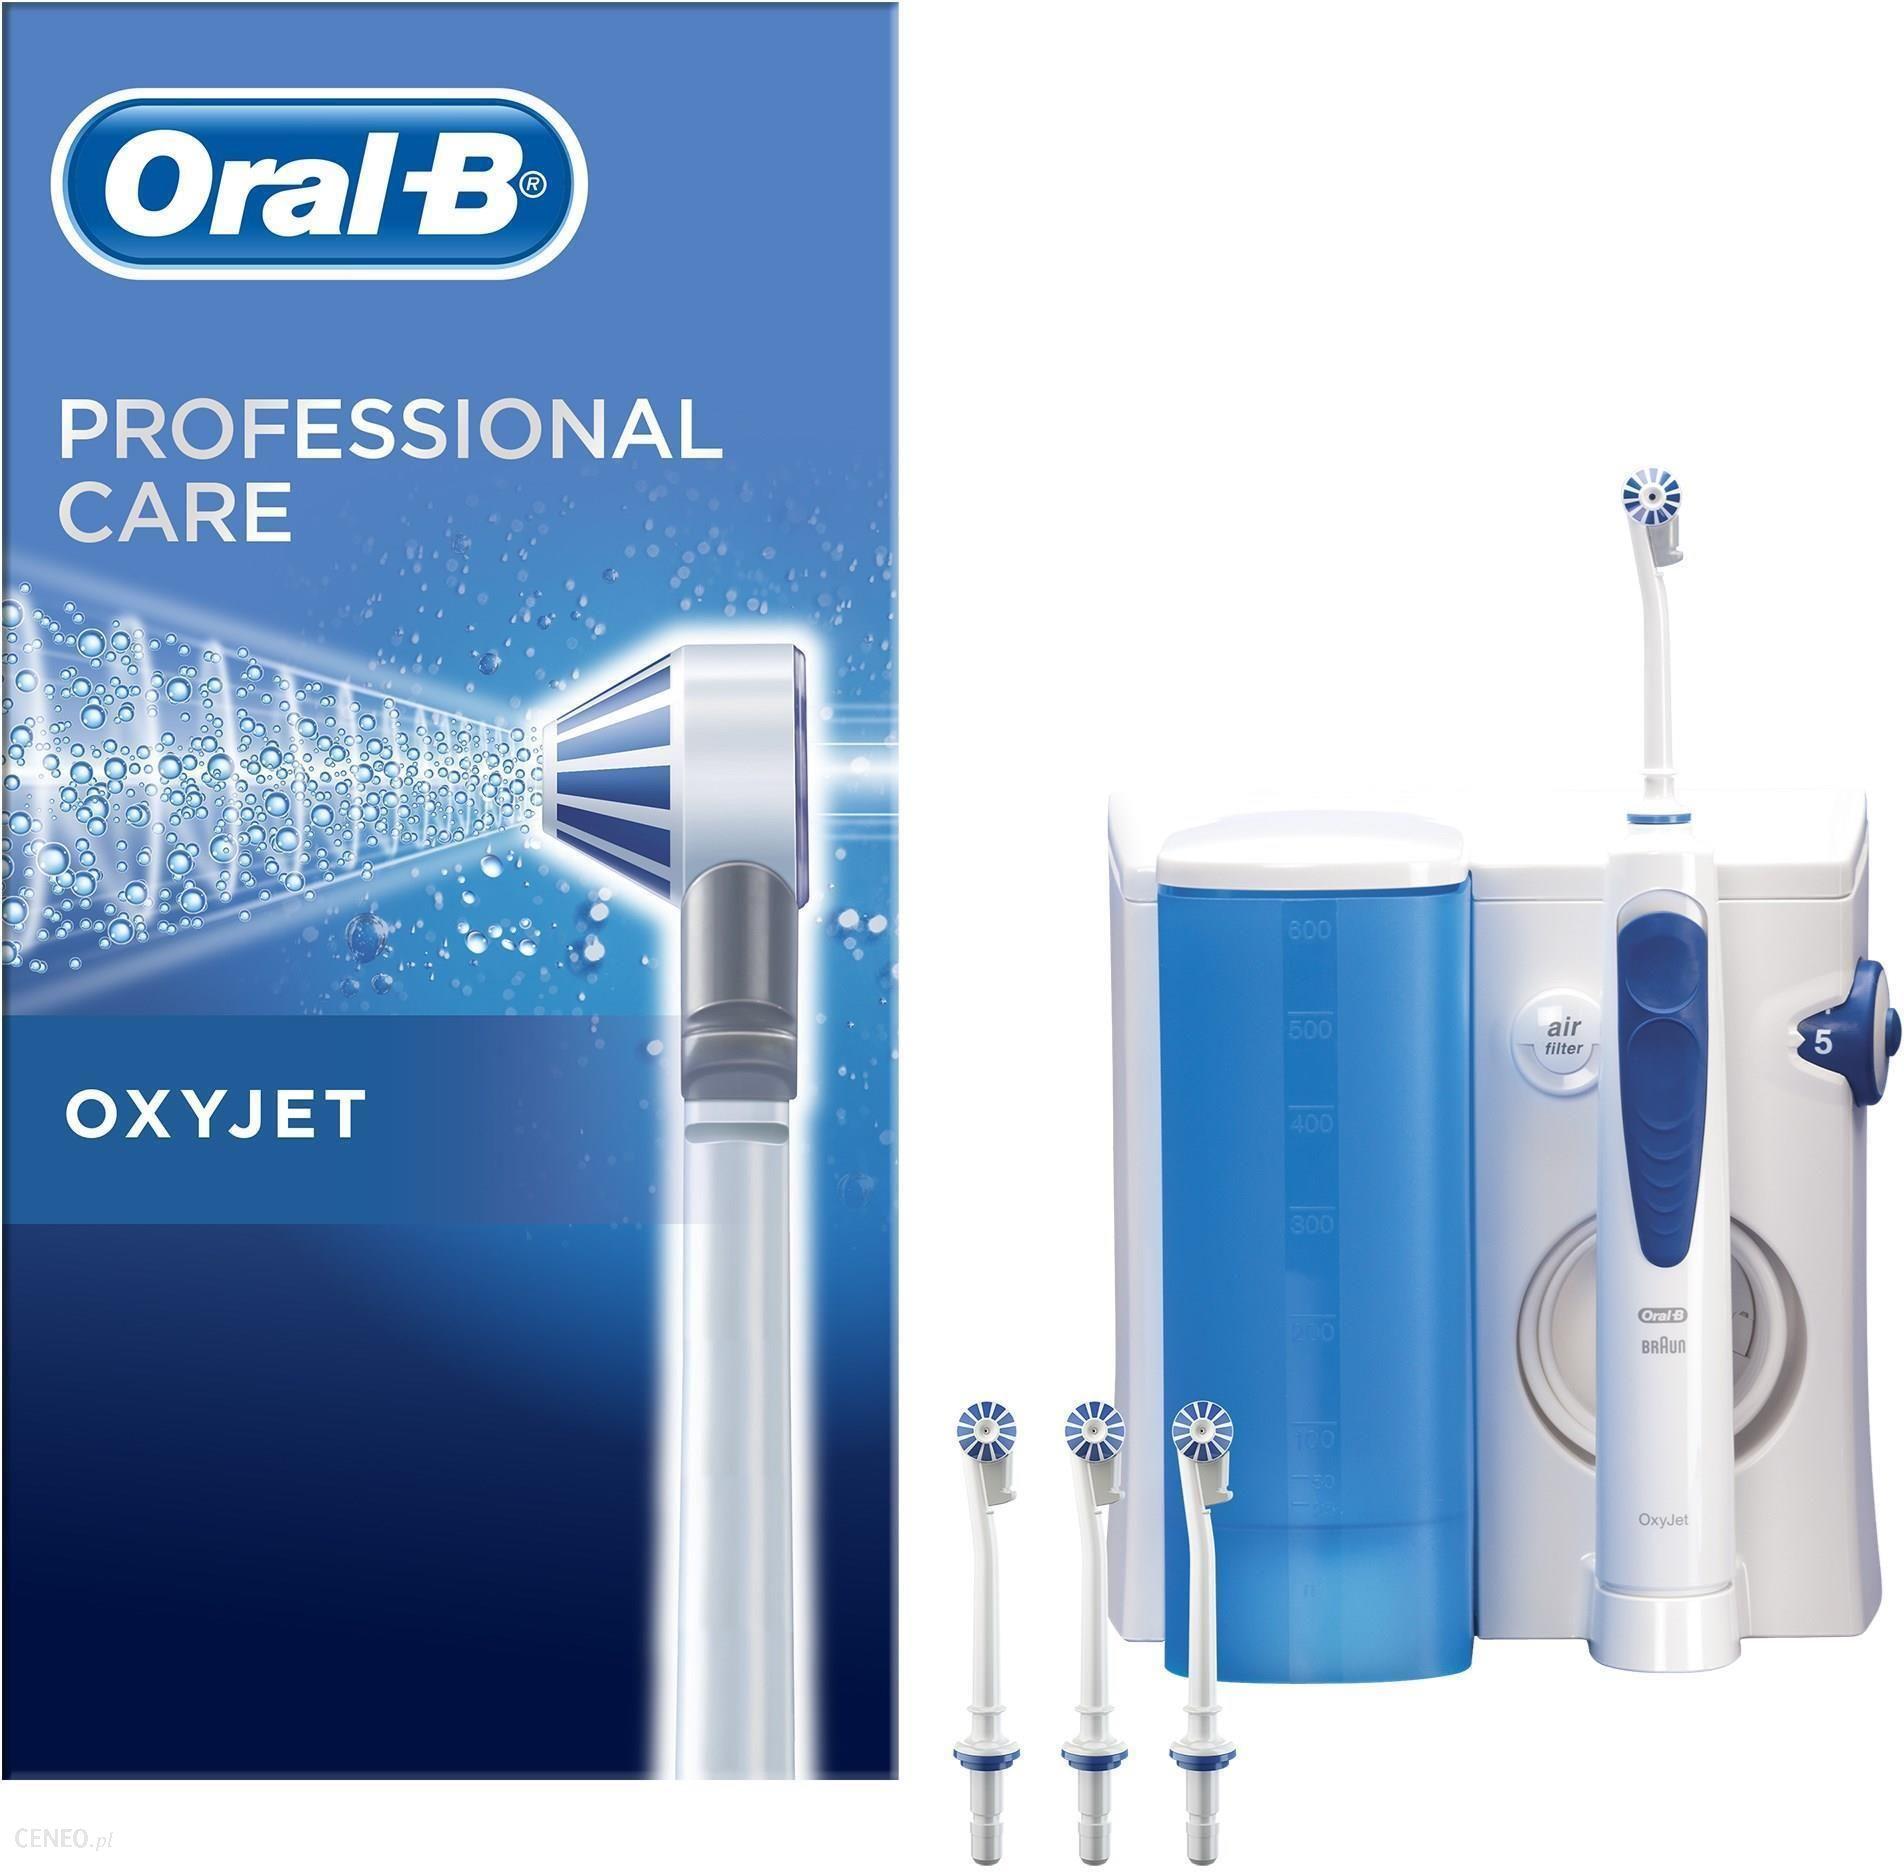 Szczoteczka elektryczna Oral-B Professional Care Oxy Jet Irygator - zdjęcie  1 ... f6e5a1f2cf93